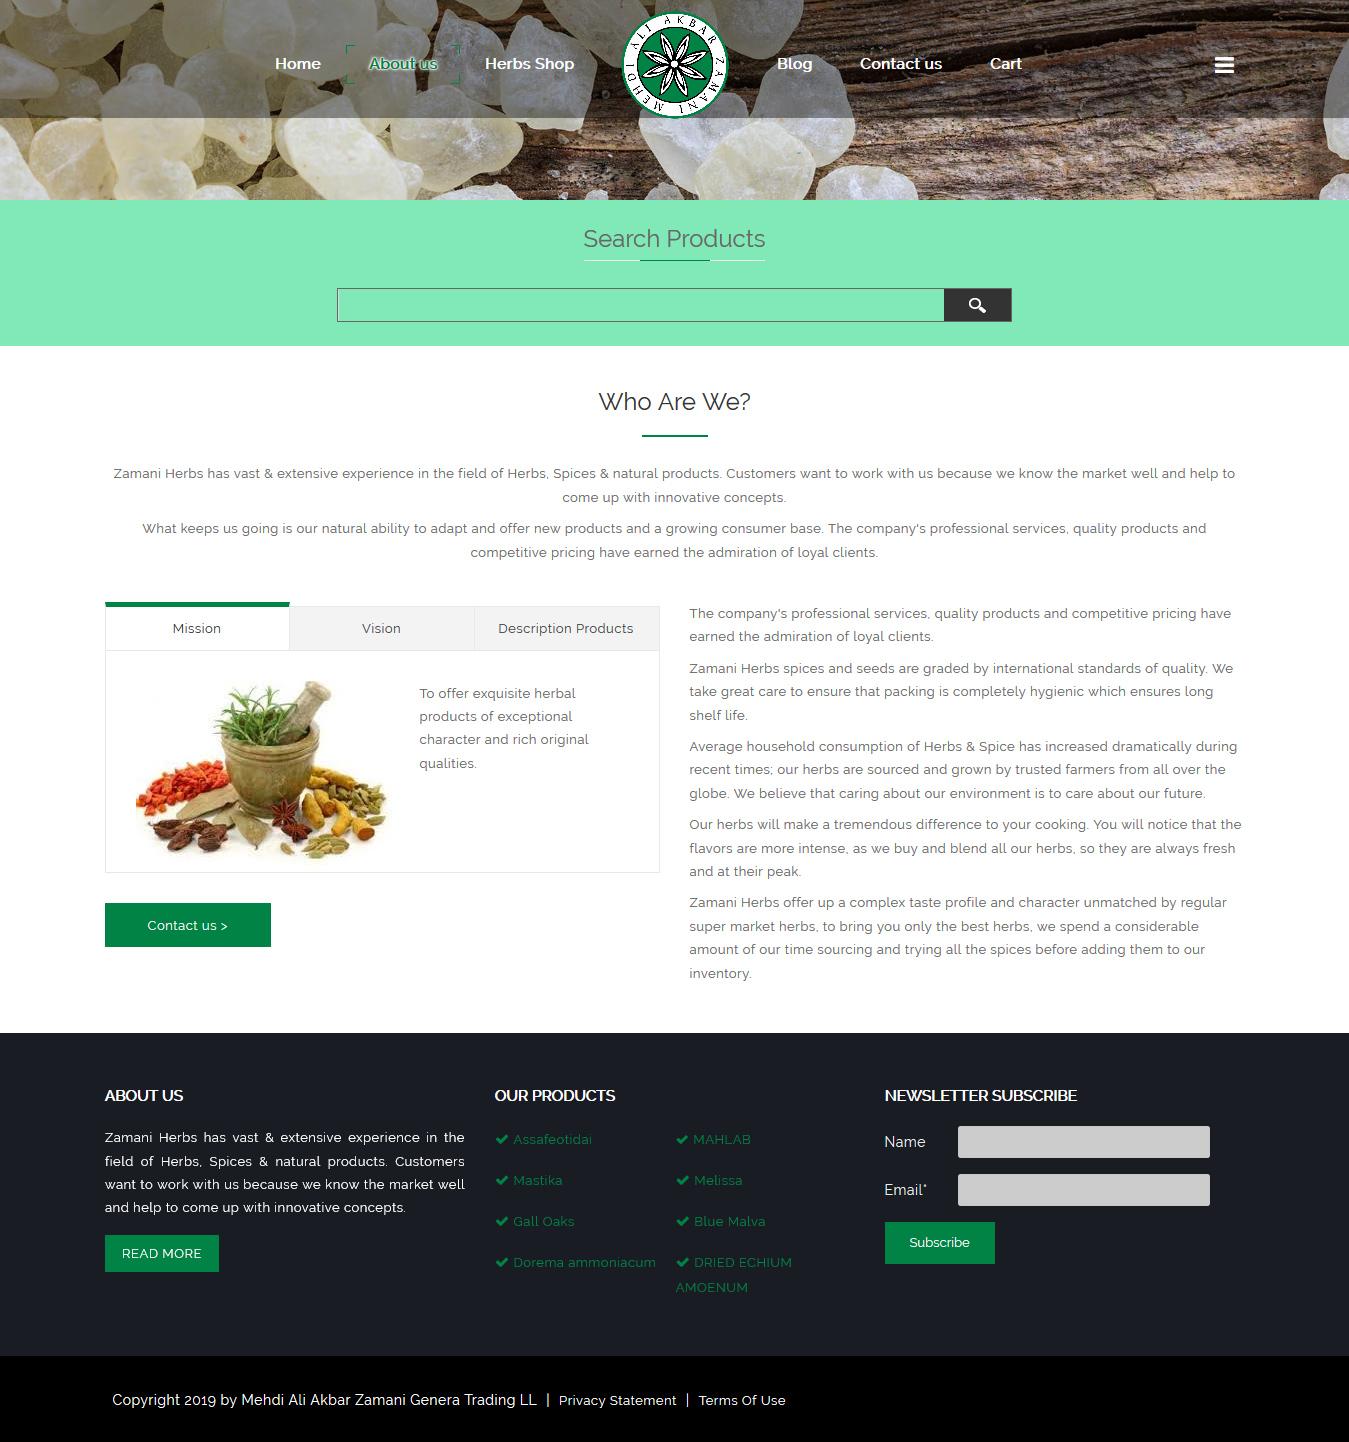 تصویری از صفحه درباره فروشگاه داروهای گیاهی زمانی دوبی